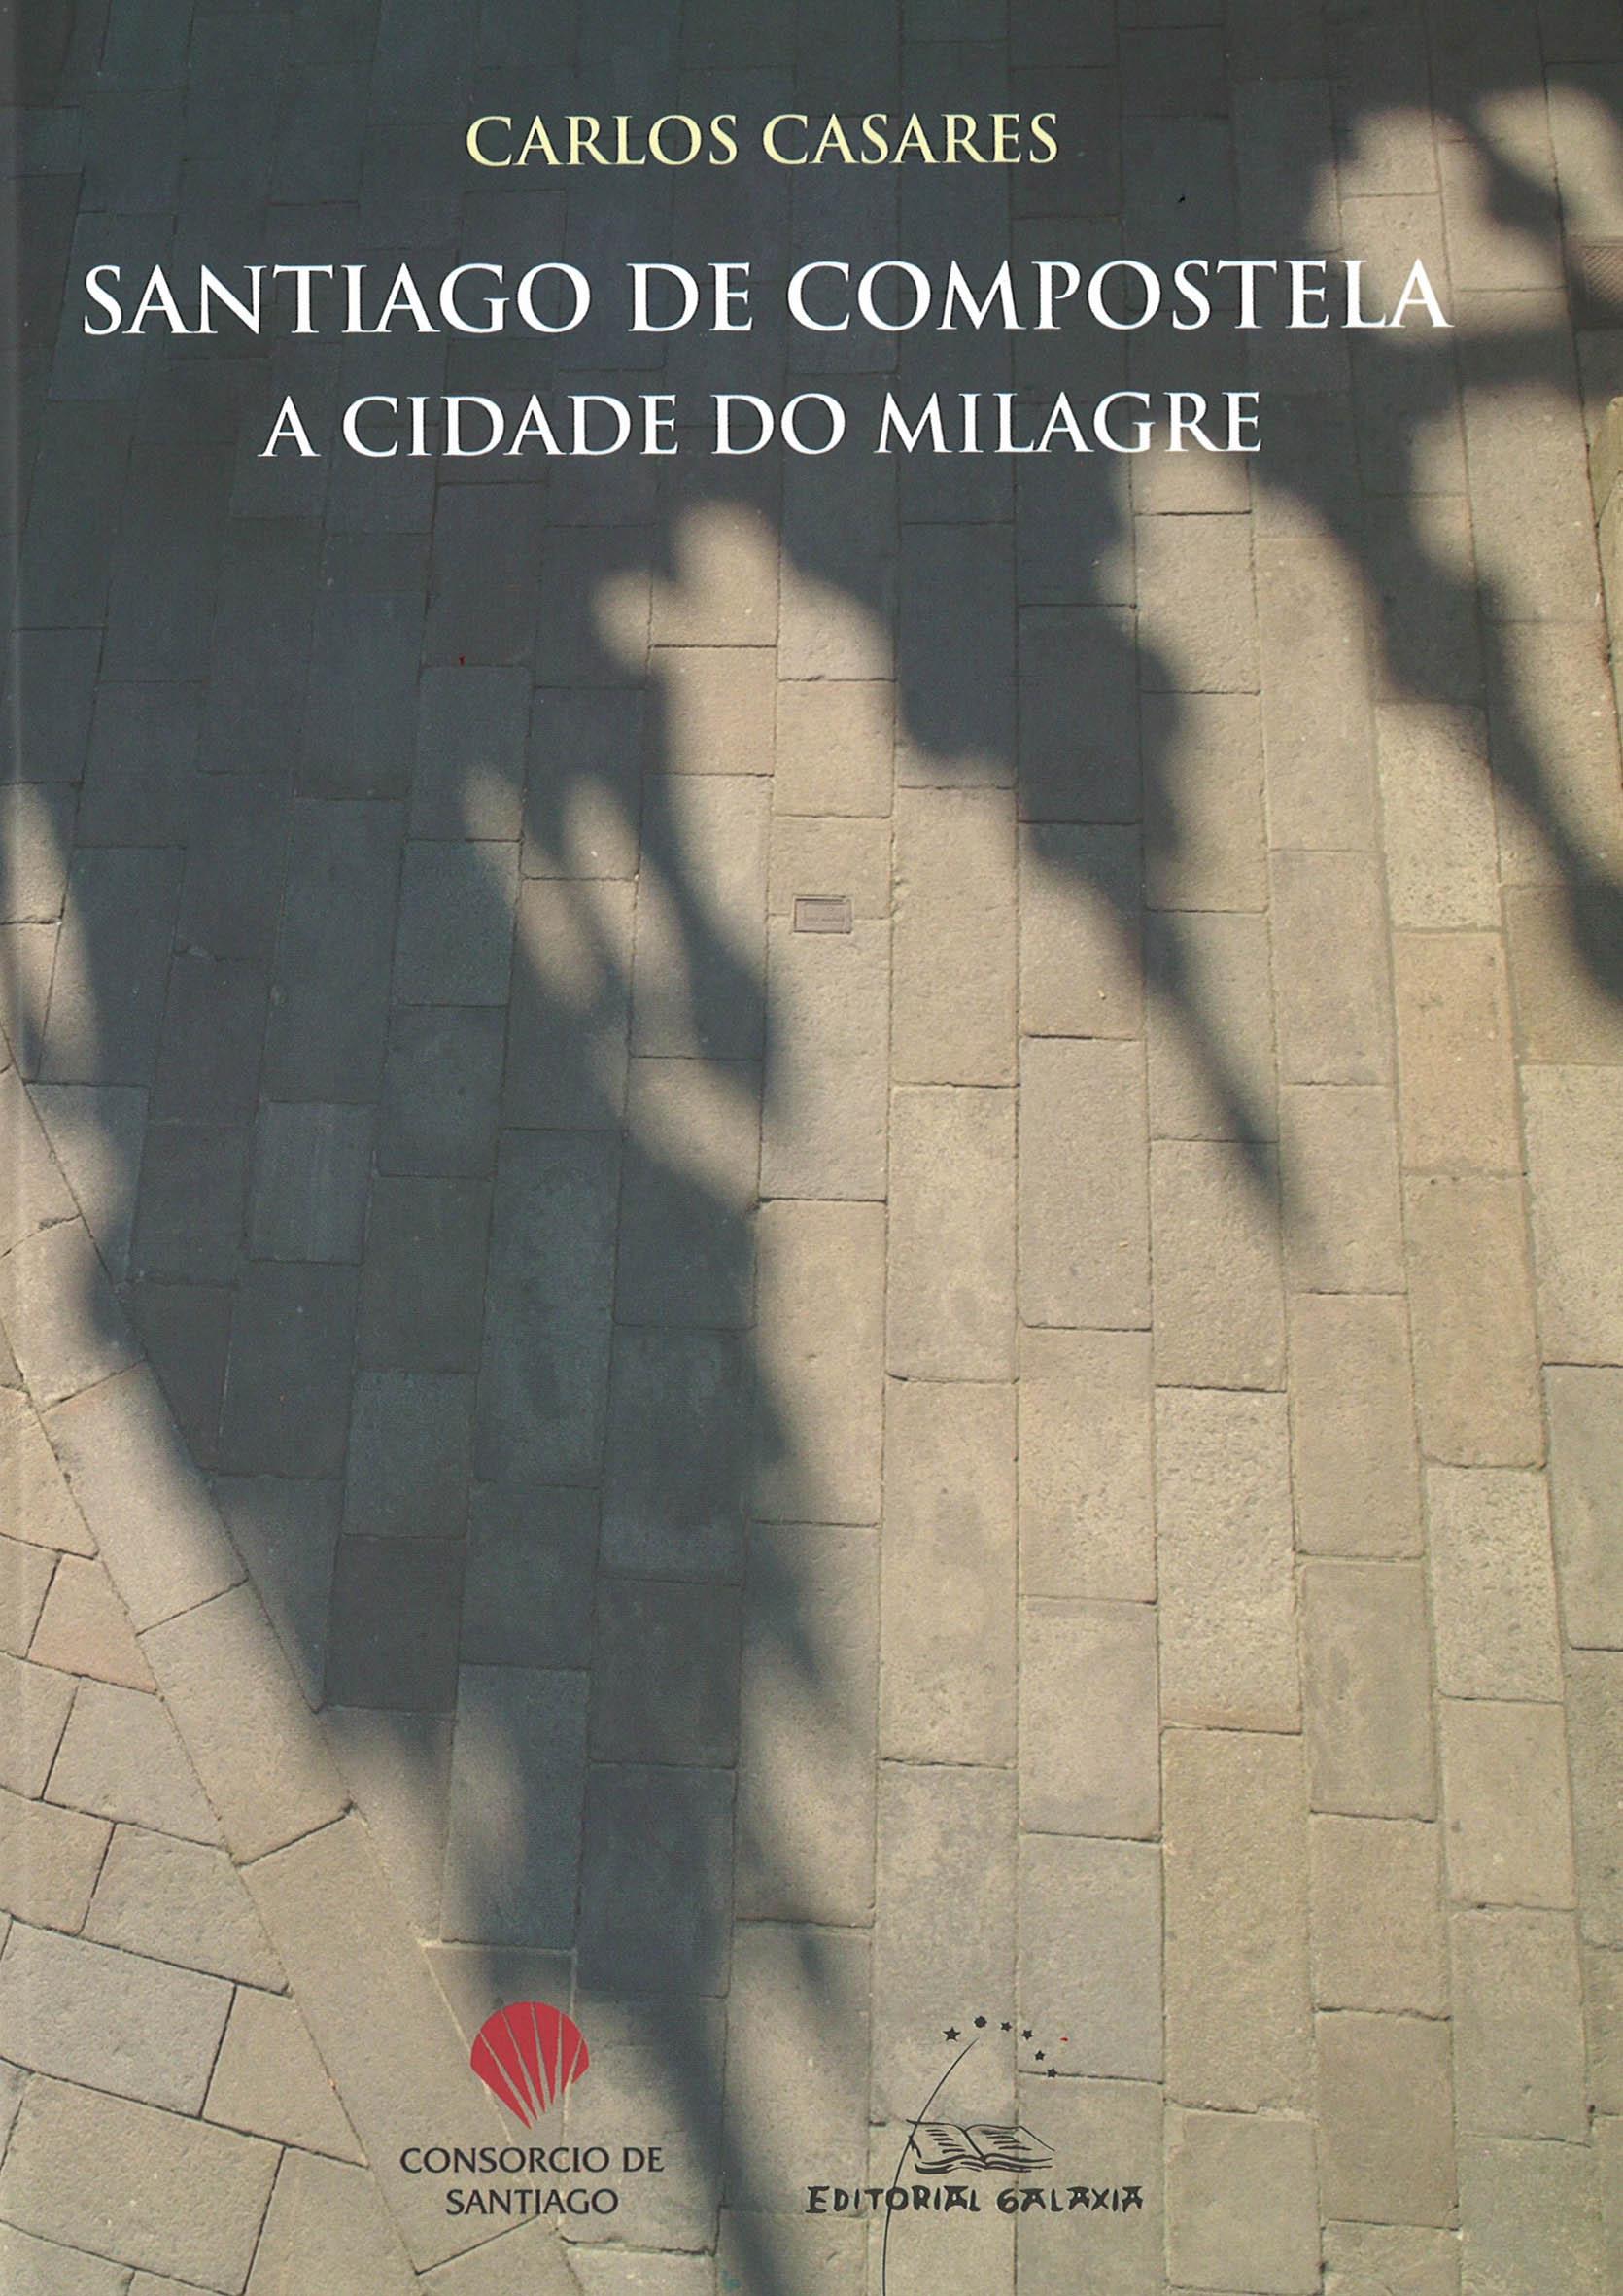 <i>Santiago de Compostela. A cidade do milagre</i> preséntase hoxe na capital galega